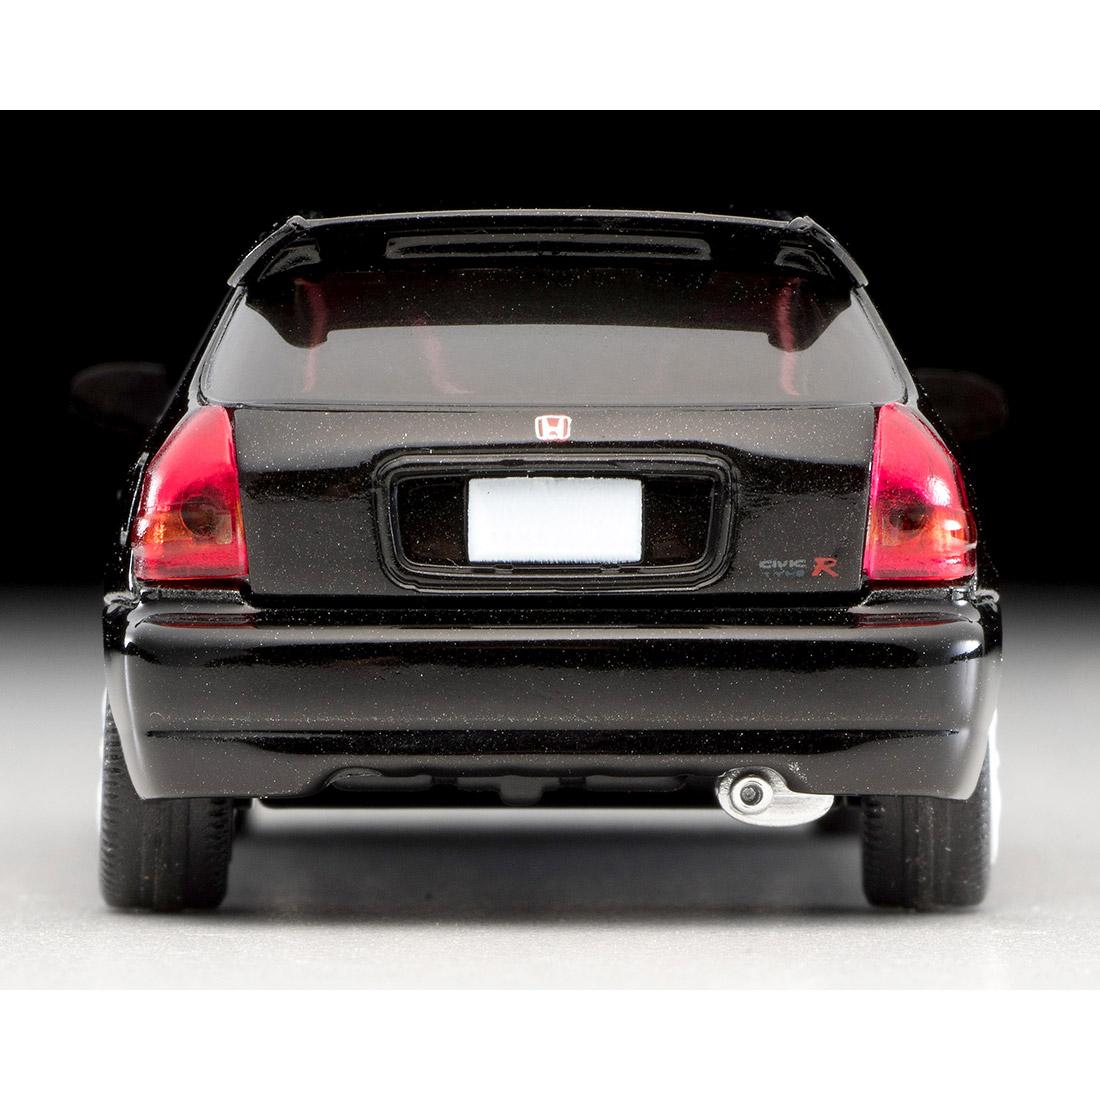 トミカリミテッド ヴィンテージ ネオ TLV-NEO『LV-N158c ホンダ シビック タイプR 97年式(黒)』1/64 ミニカー-005